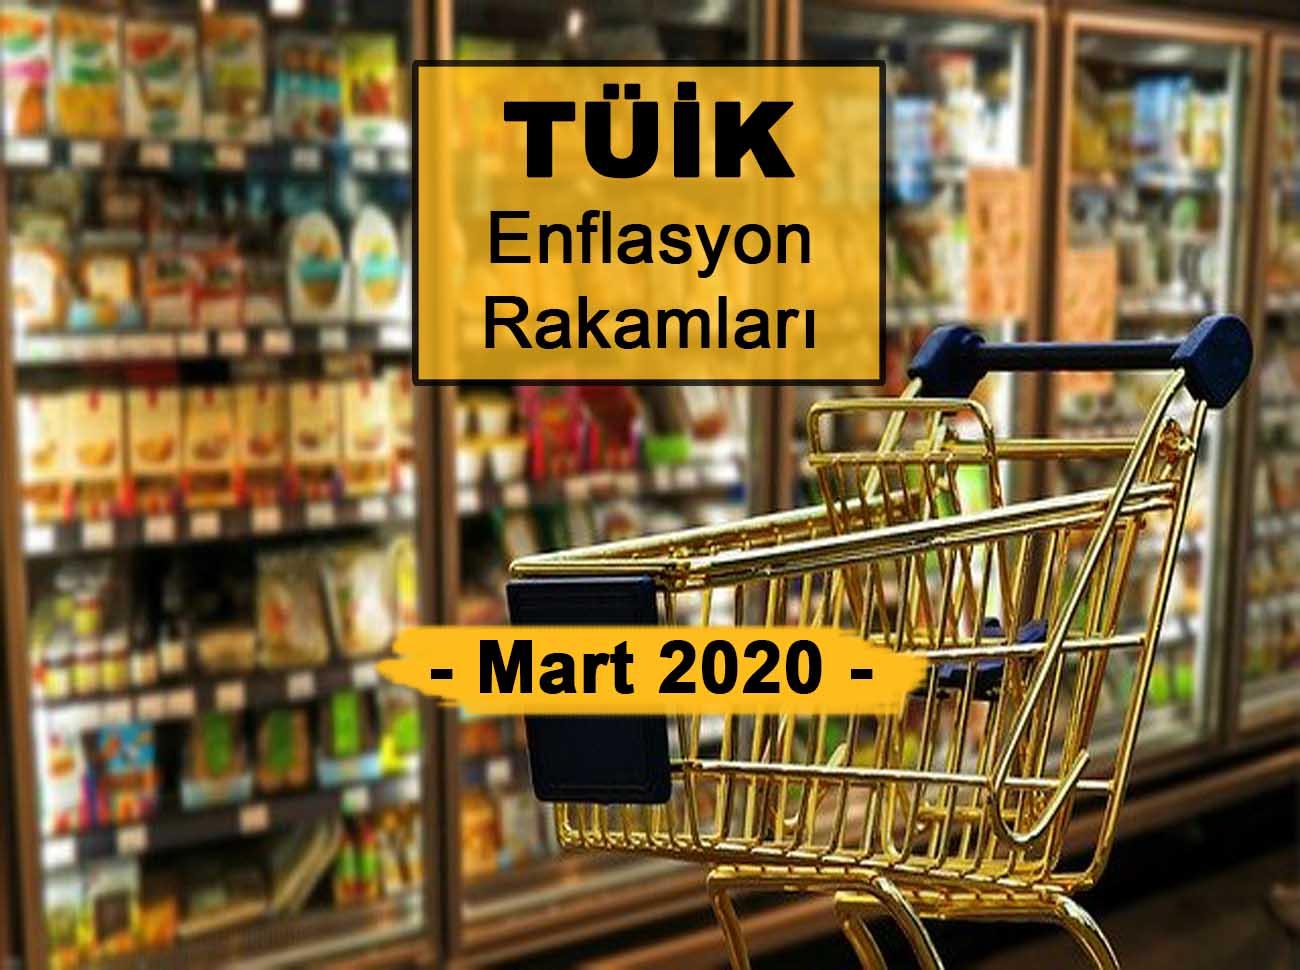 Enflasyon Rakamları (Mart 2020) Açıklandı